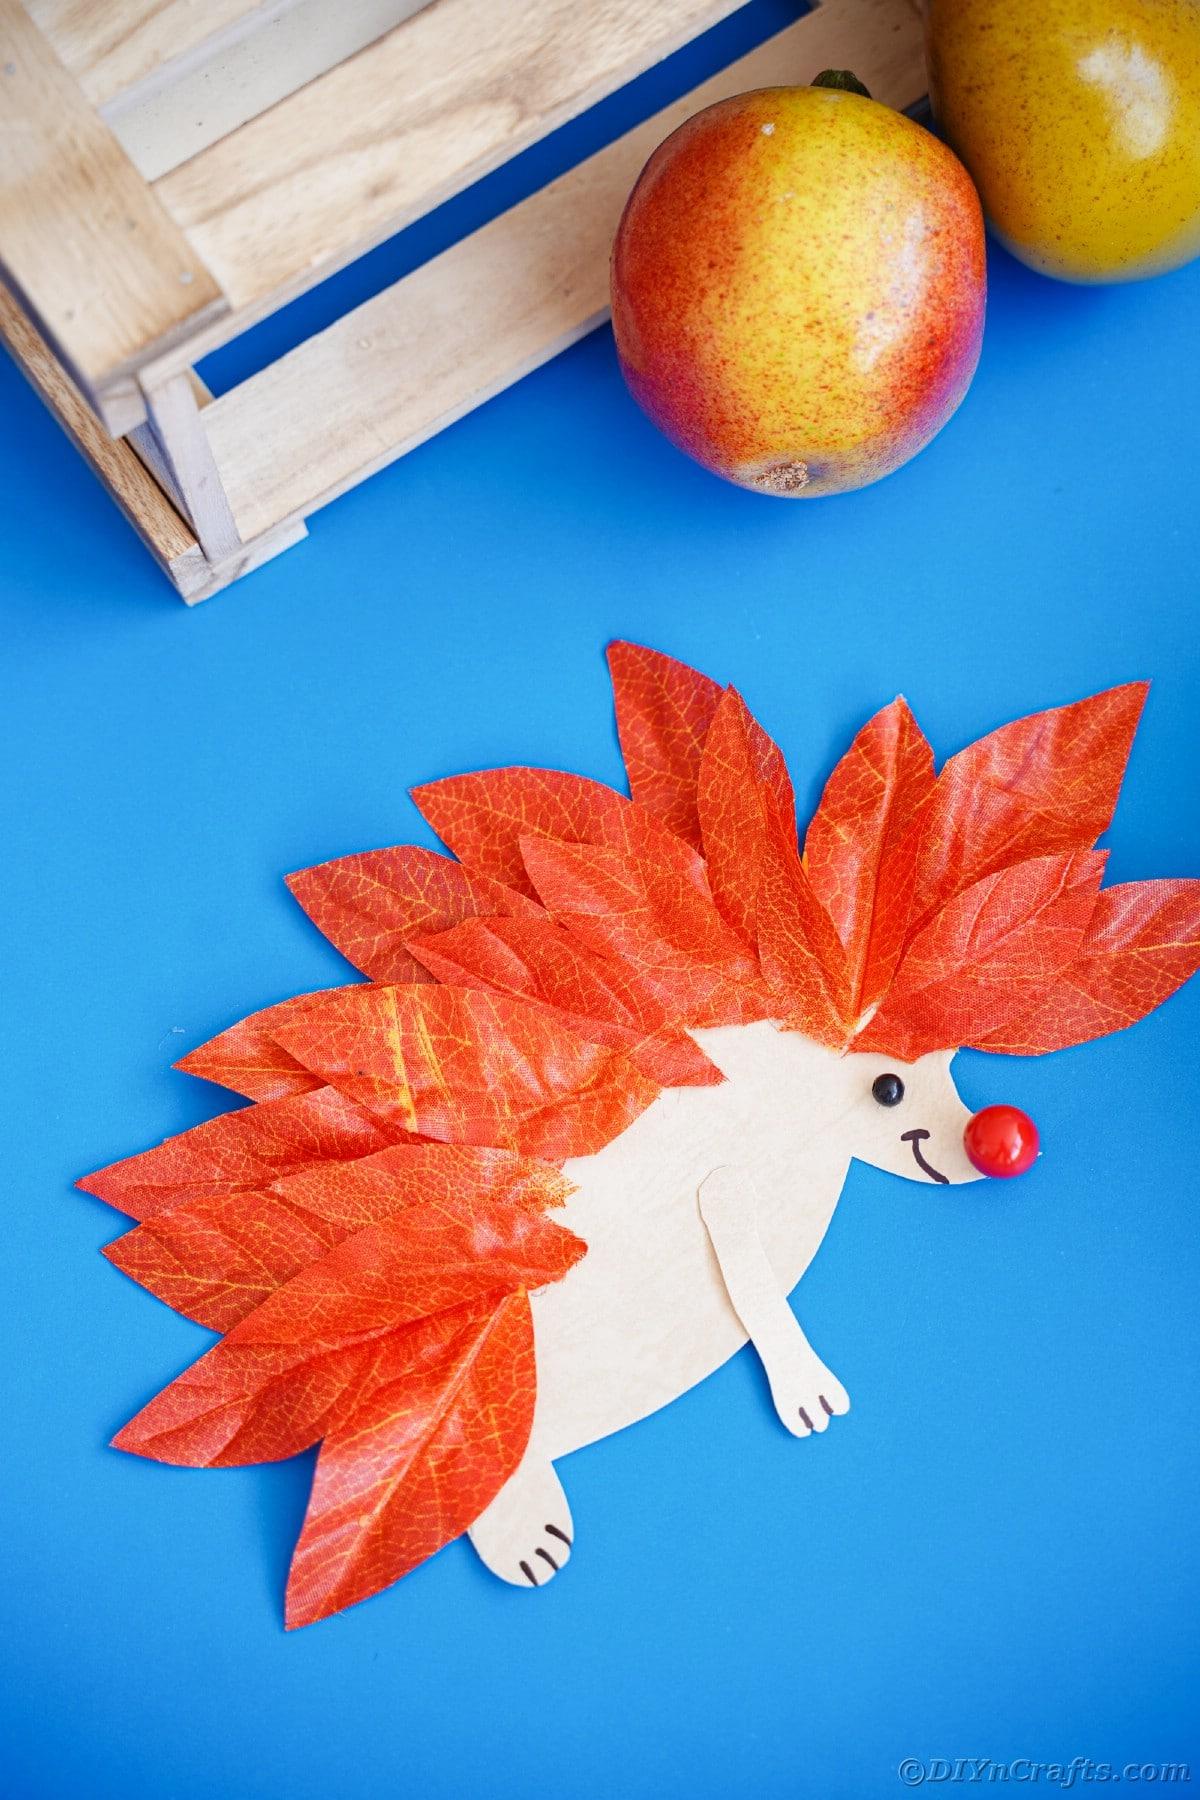 Fake leaf hedgehog on blue paper